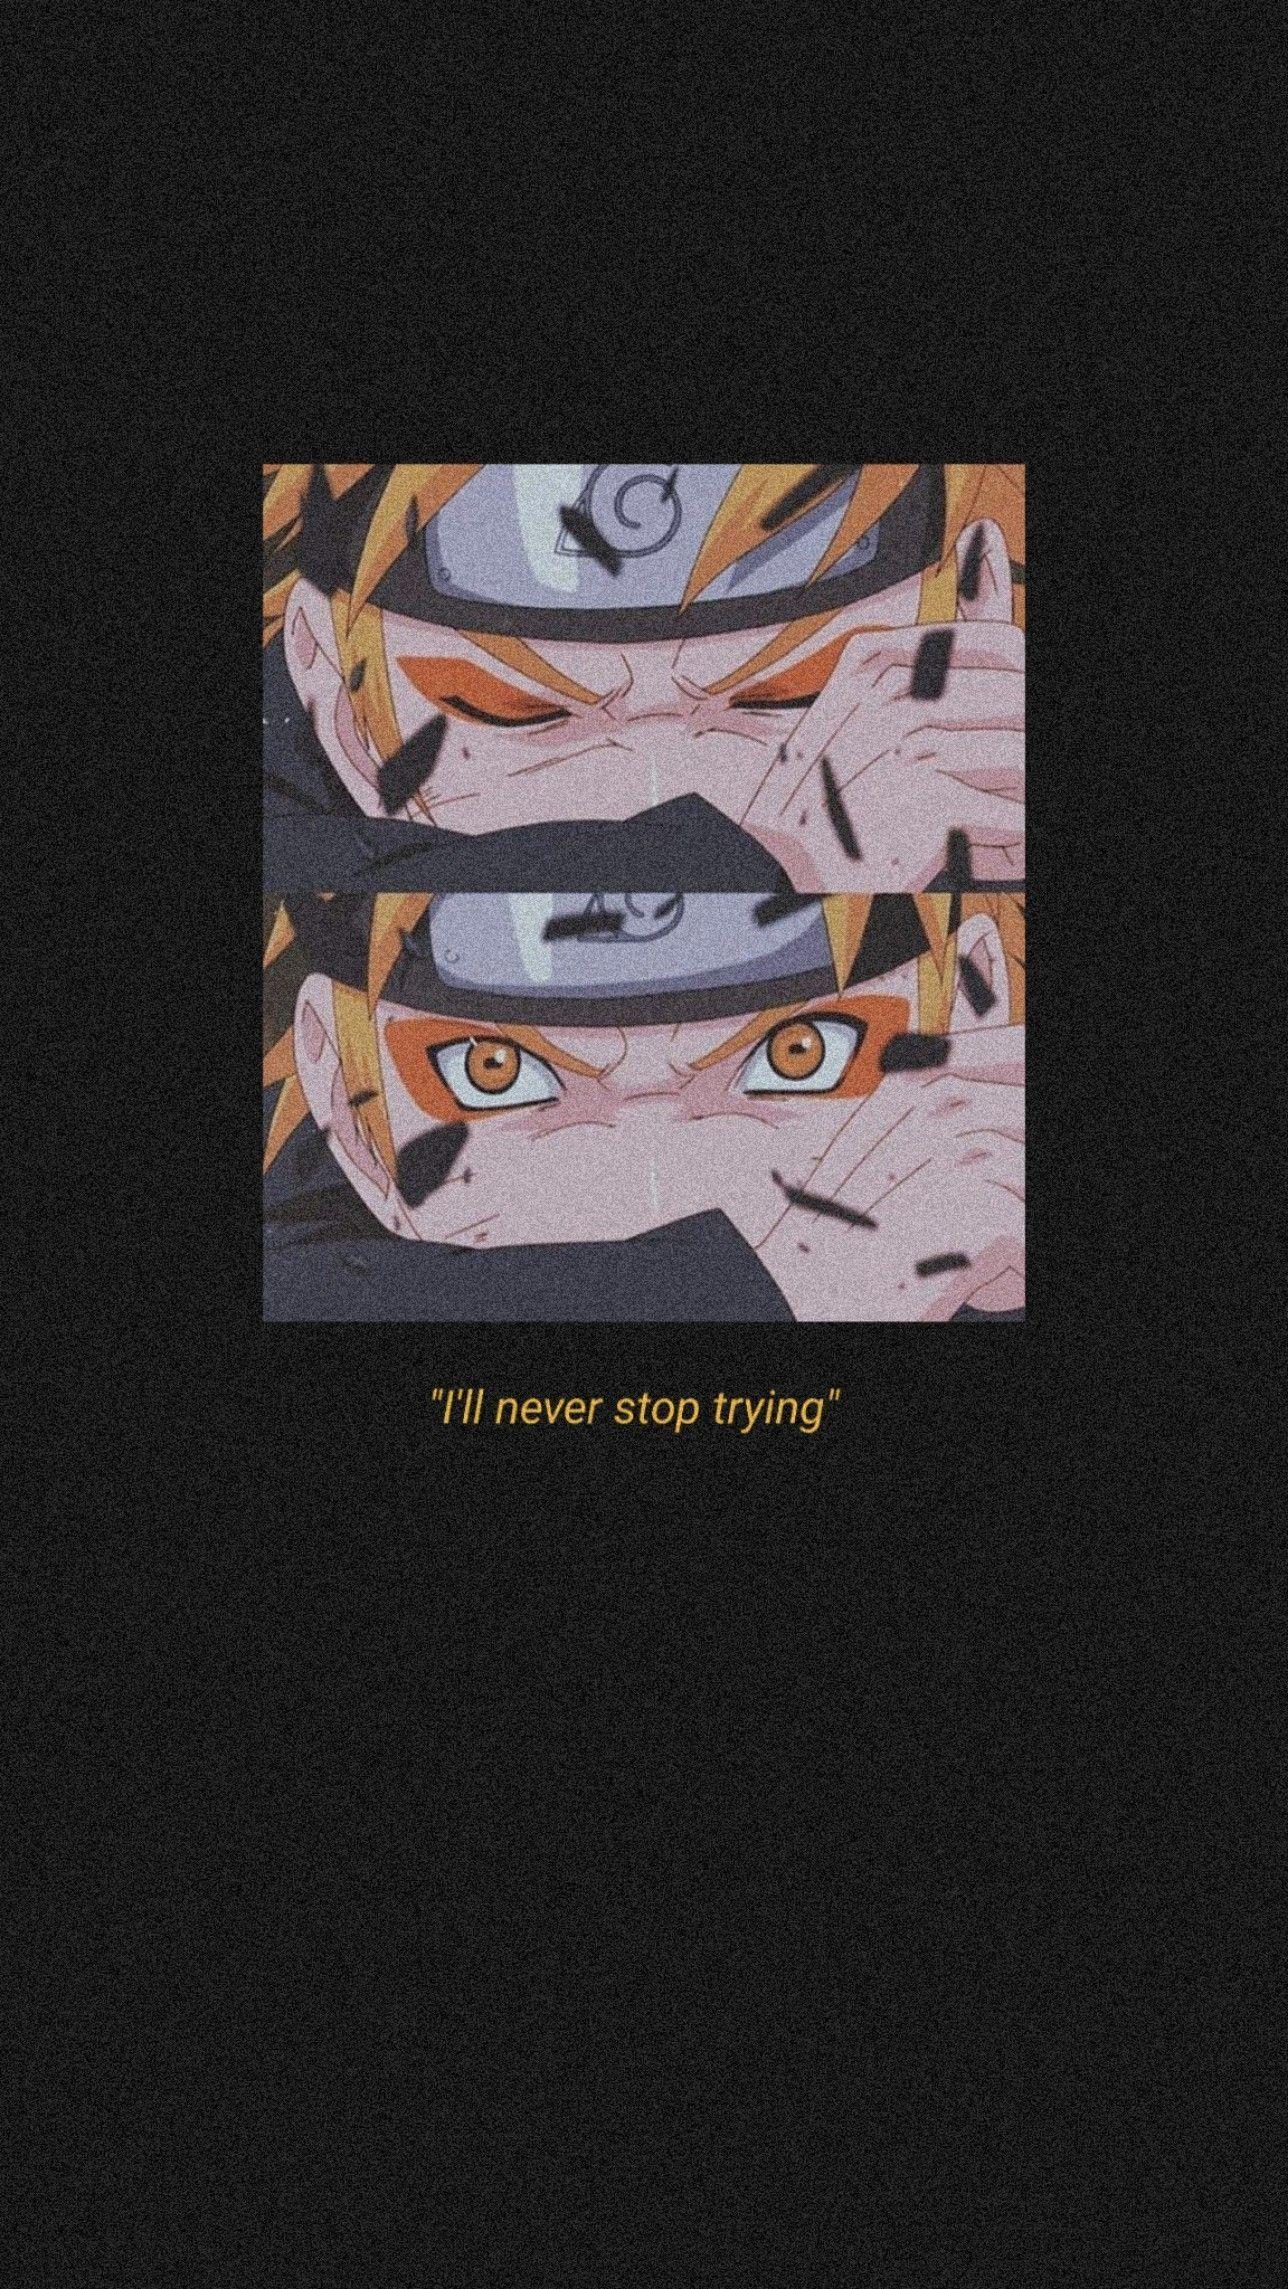 Naruto Sage mode (Naruto Shippuden)